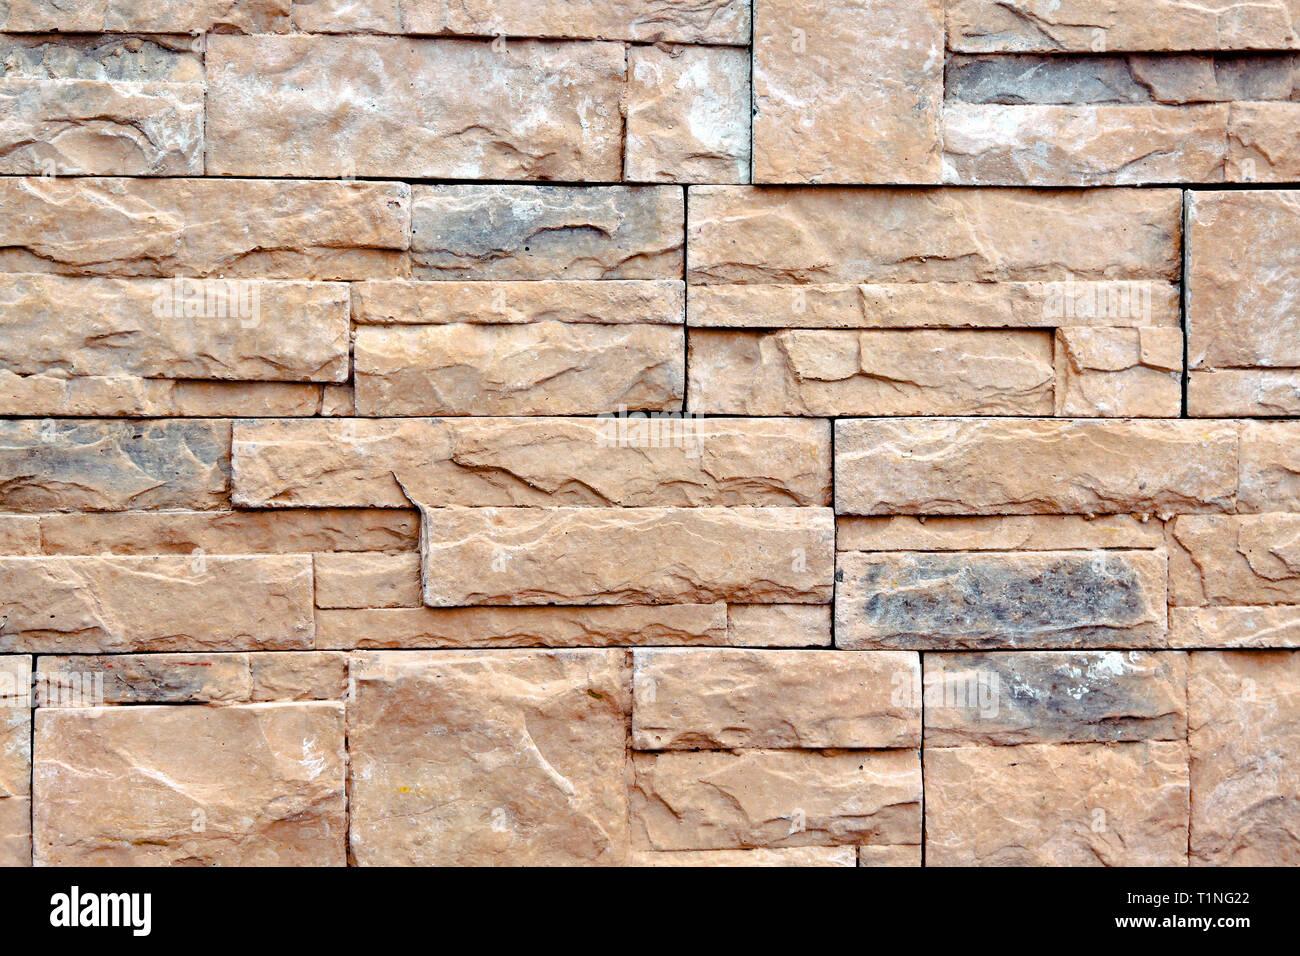 Mur En Pierre Naturelle image de fond de mur fait de carreaux en pierre naturelle